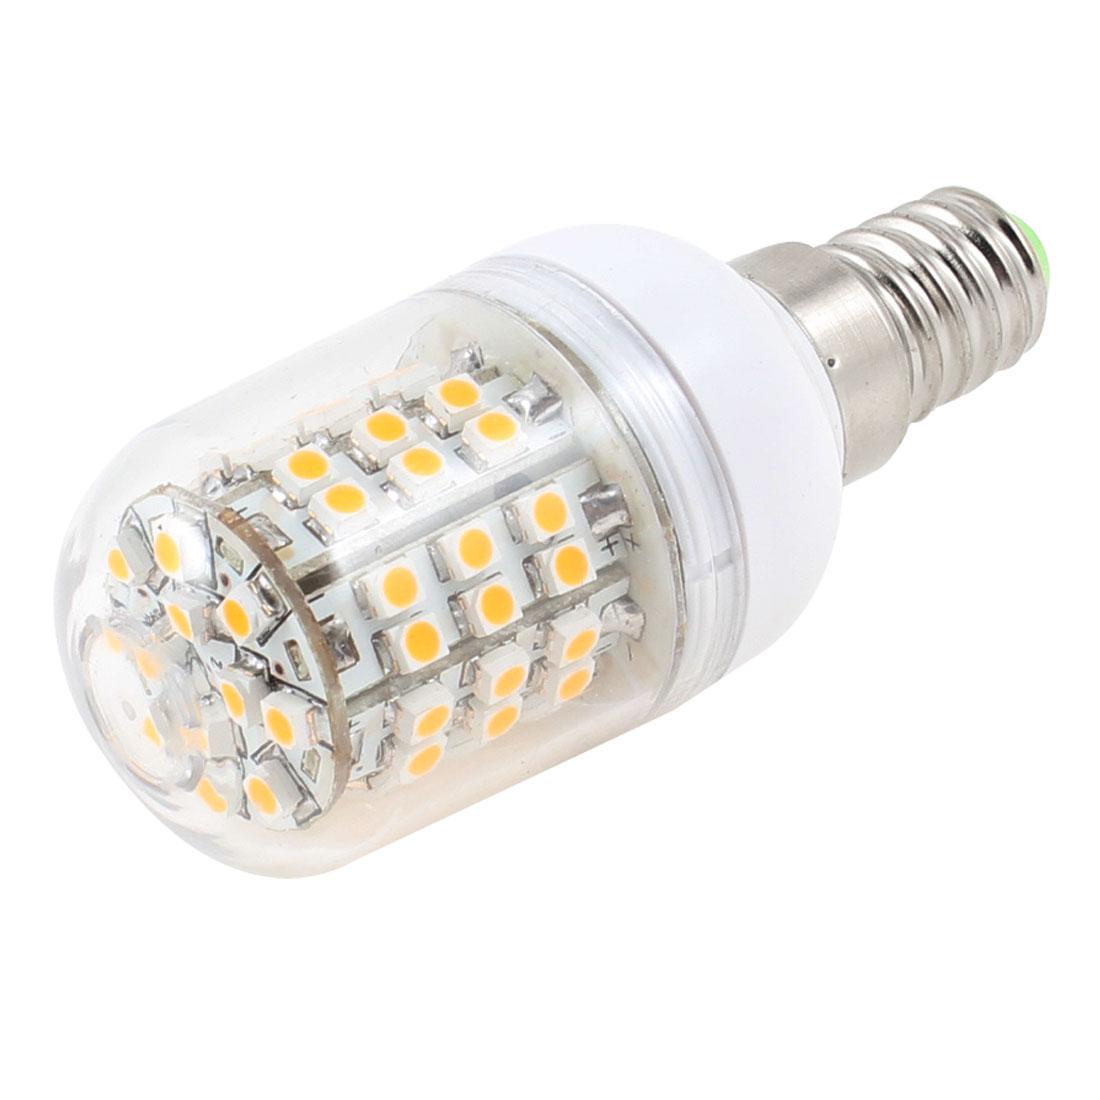 5W Warm White Light Corn Bulb E14 3528 60LED Lamp AC 200-240V